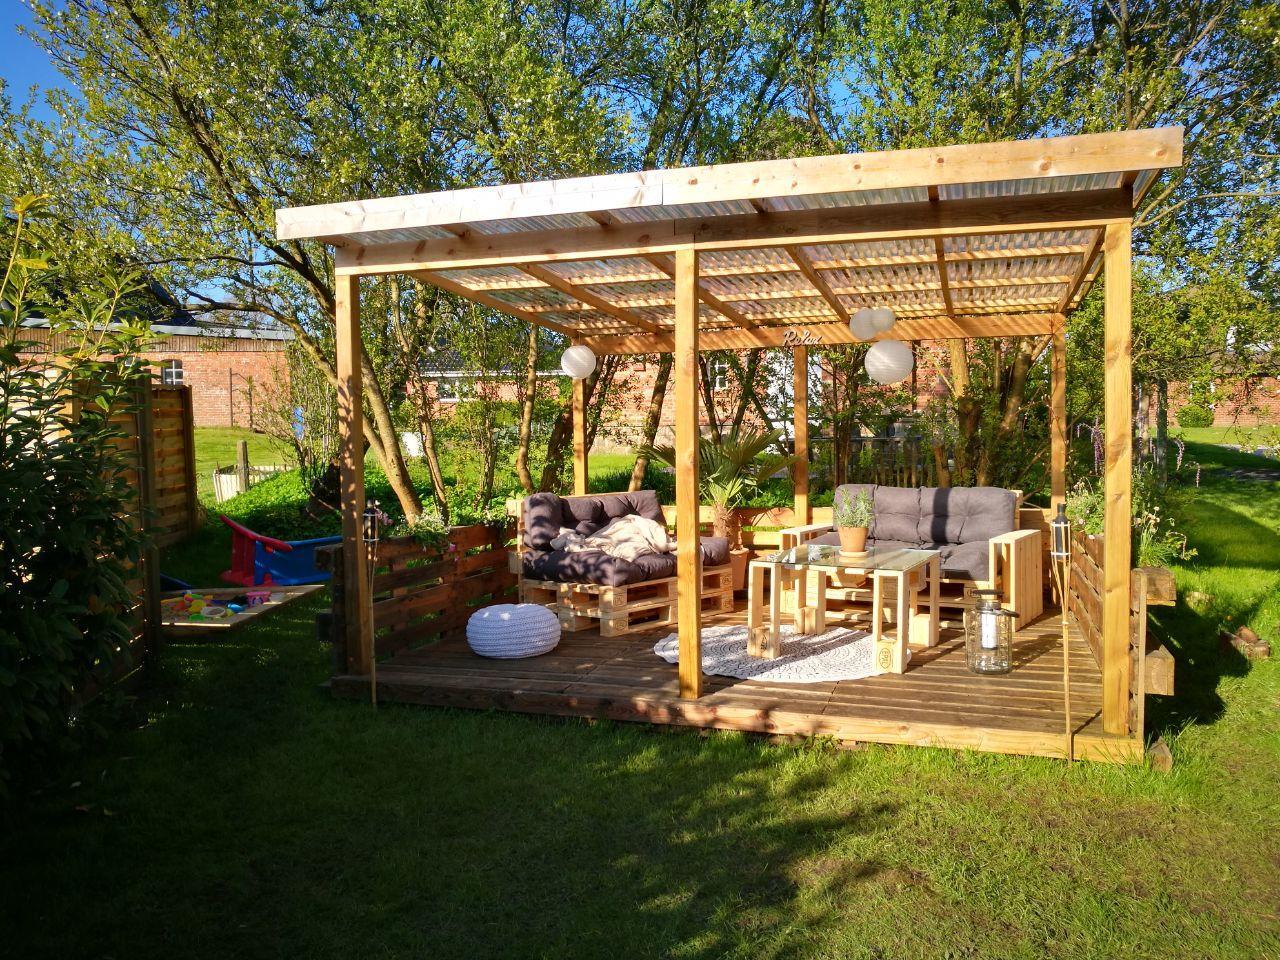 Paletten Lounge-Palettenlounge-Möbel